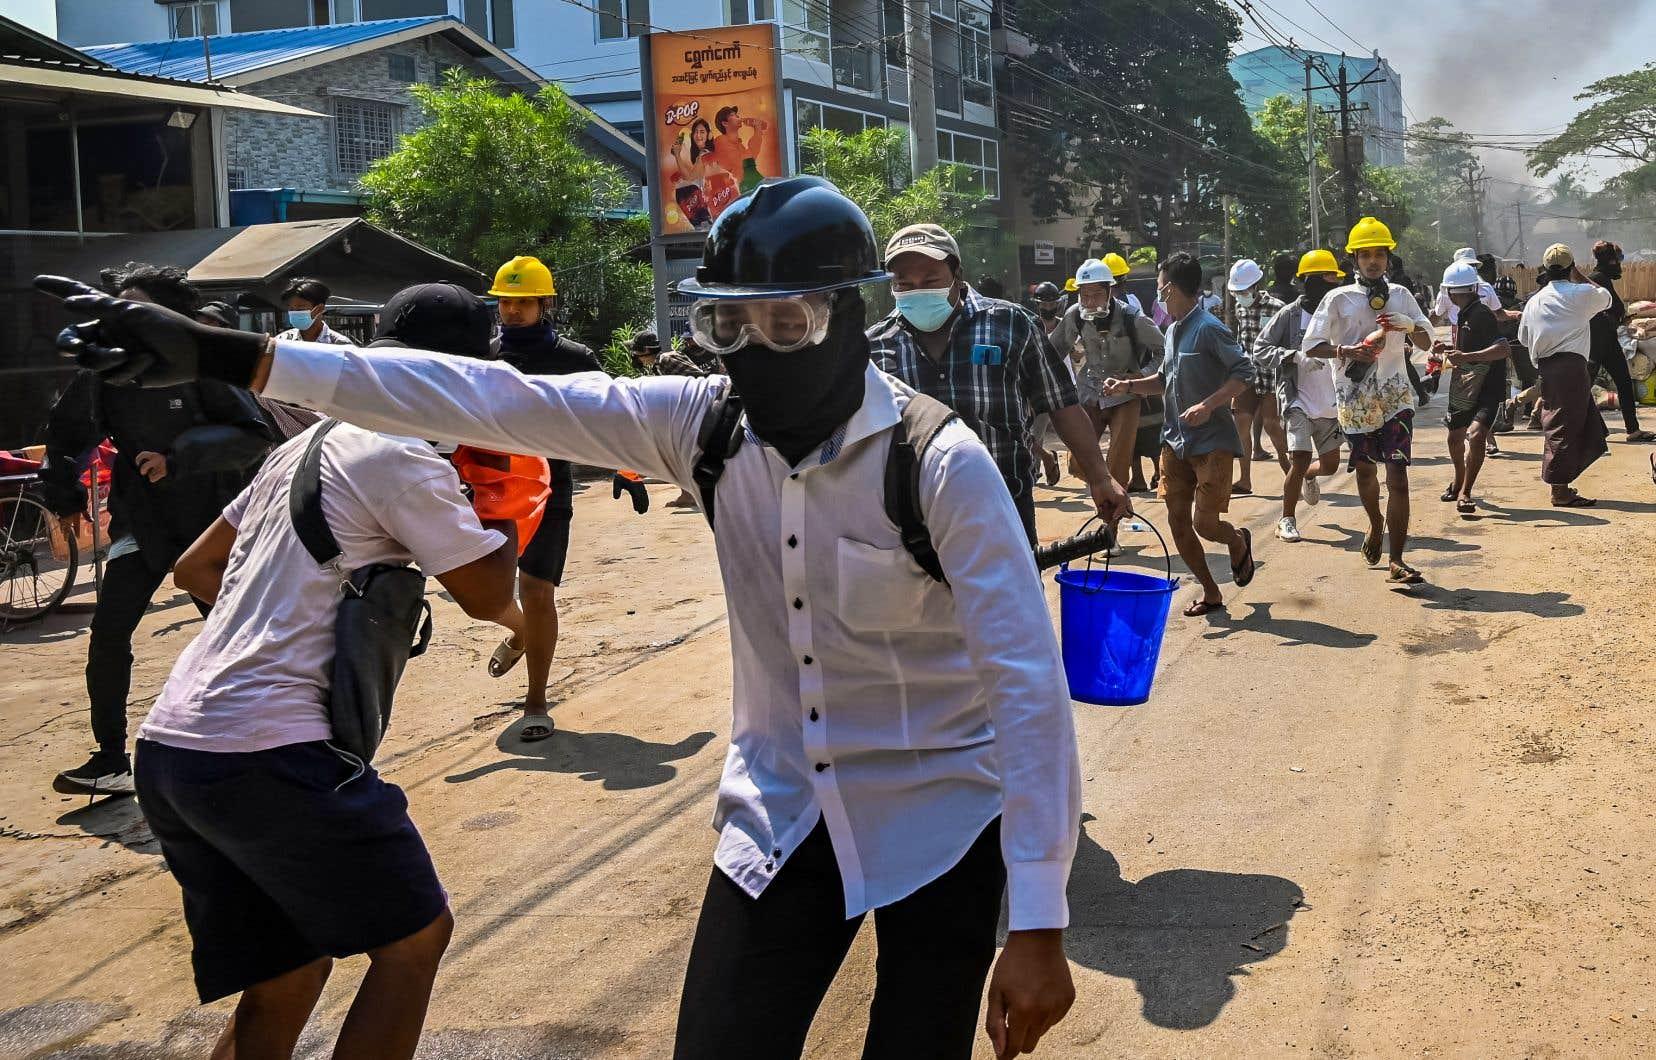 Certains quartiers sont tombés dans le chaos, des manifestants lançant des projectiles et des cocktails Molotov sur l'armée et la police, qui tirent à balles réelles.